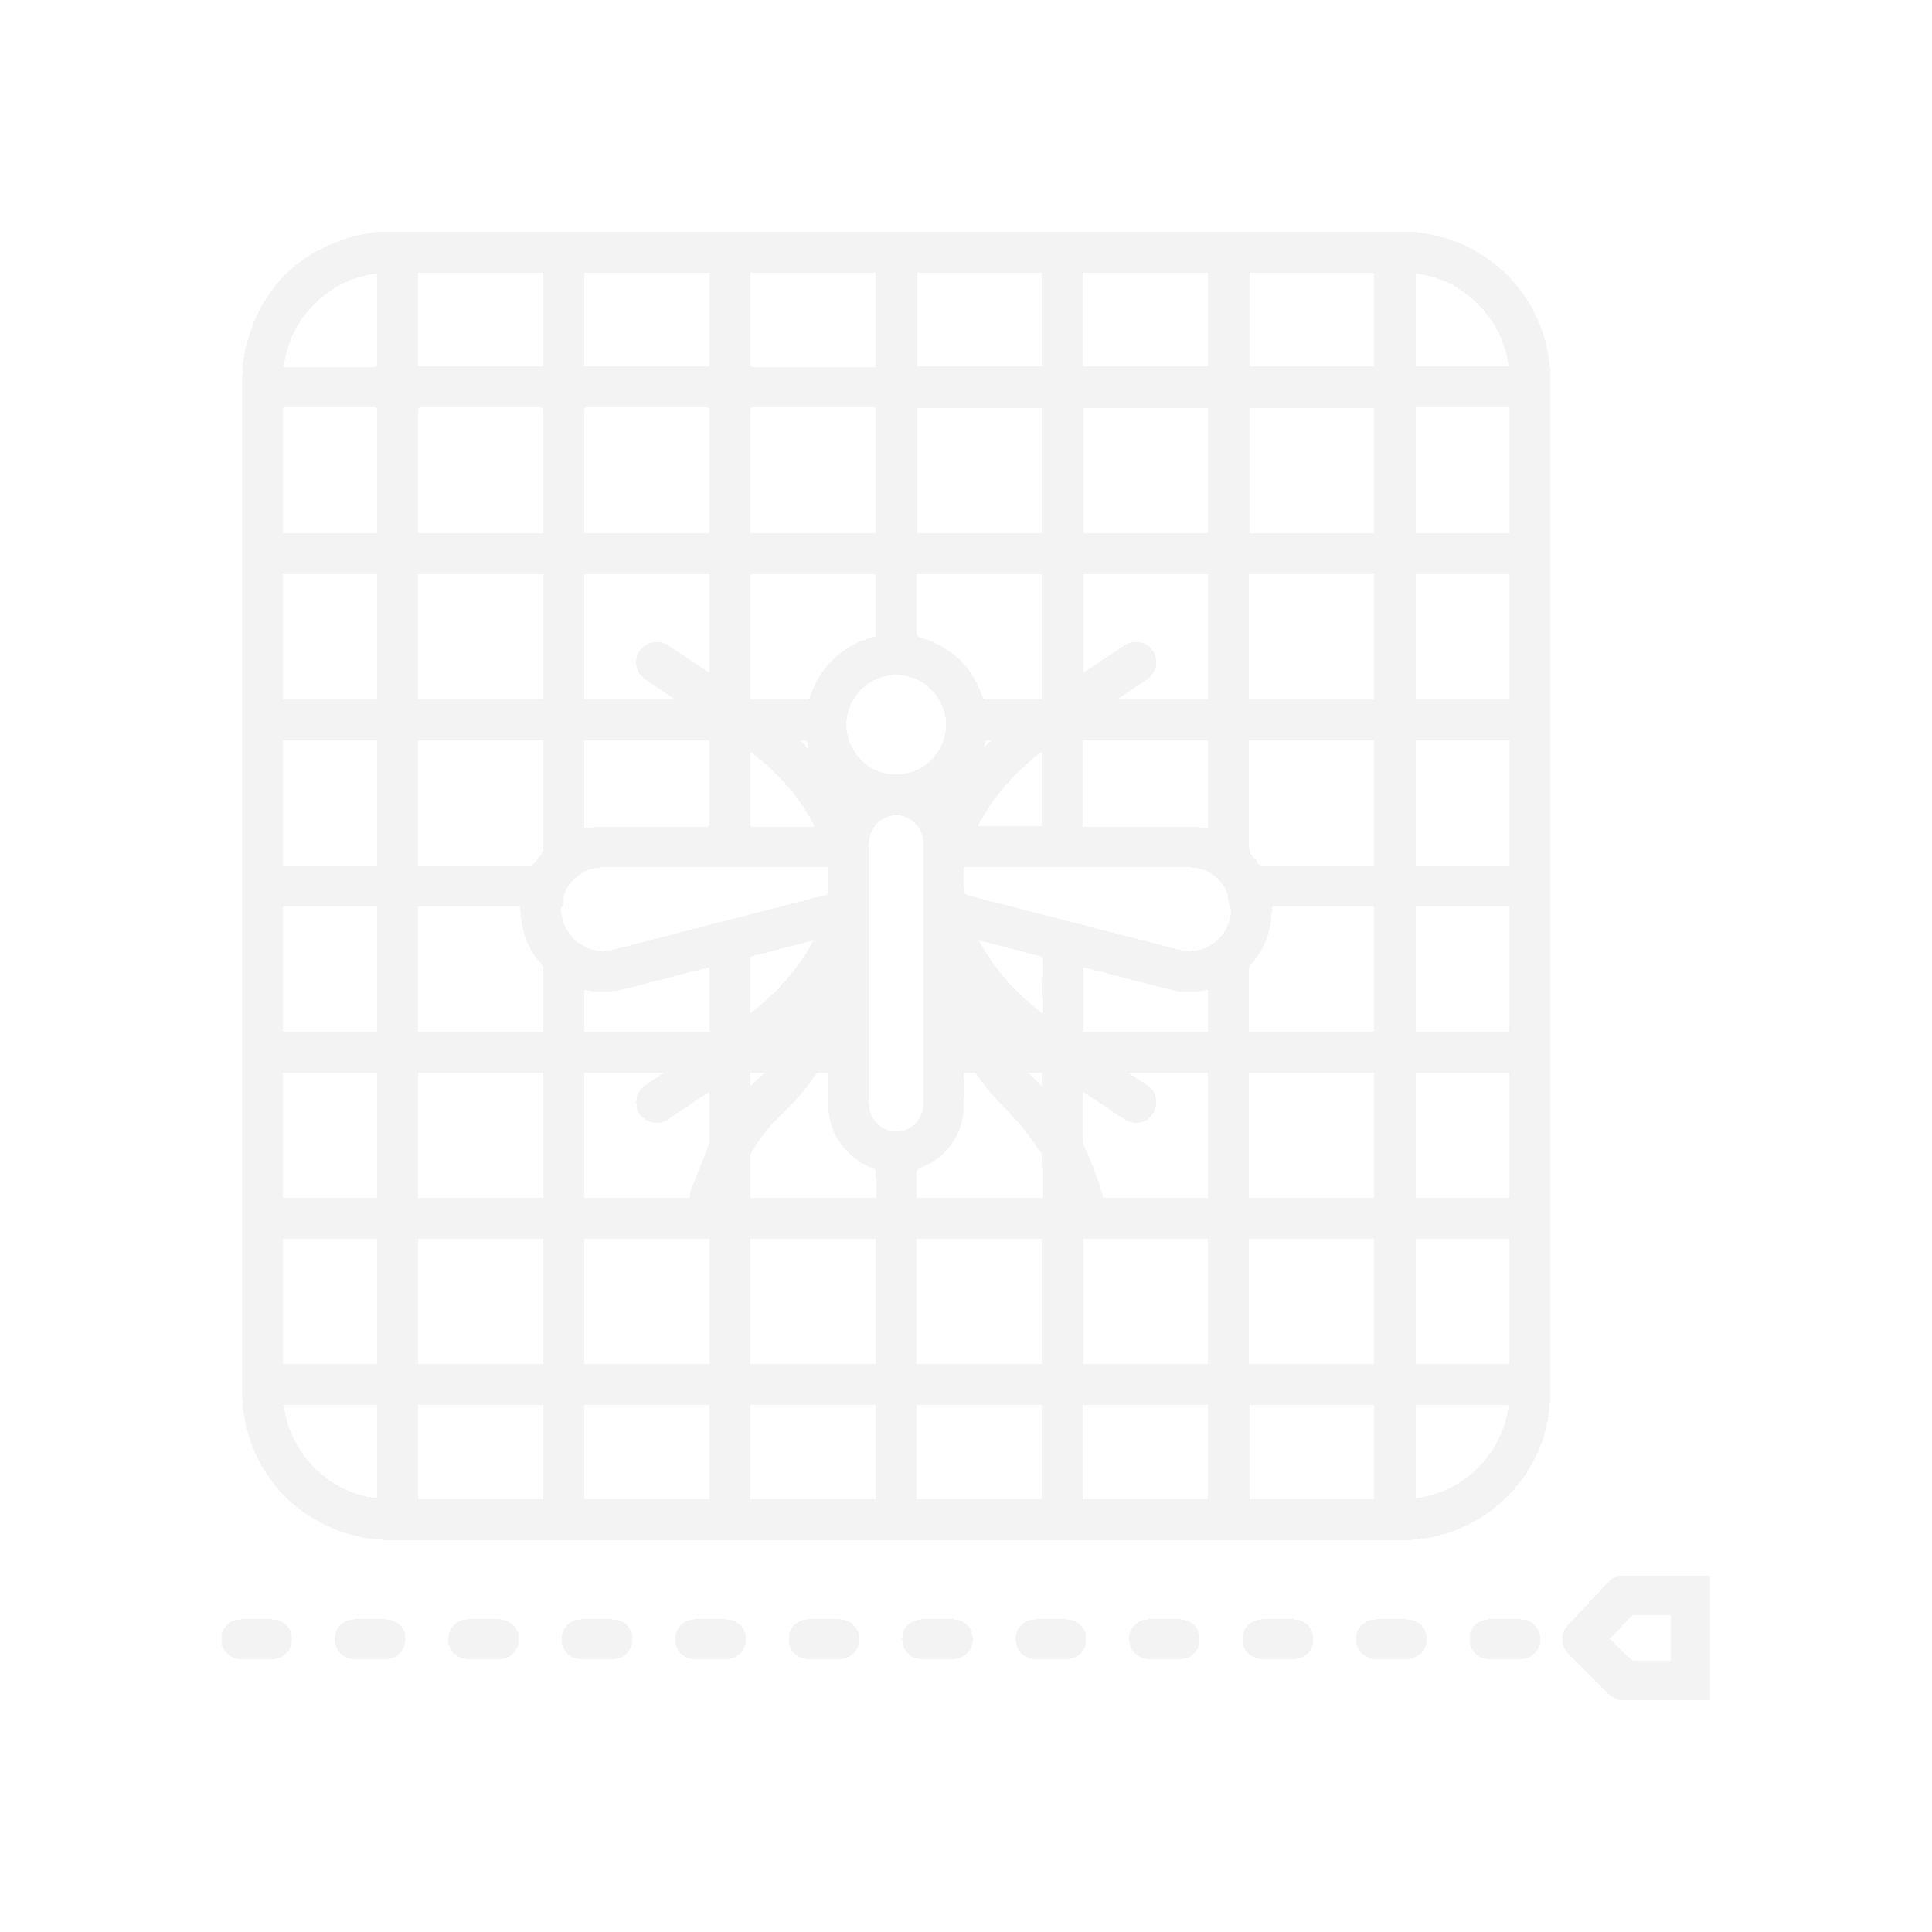 KM PLAST ikony-43